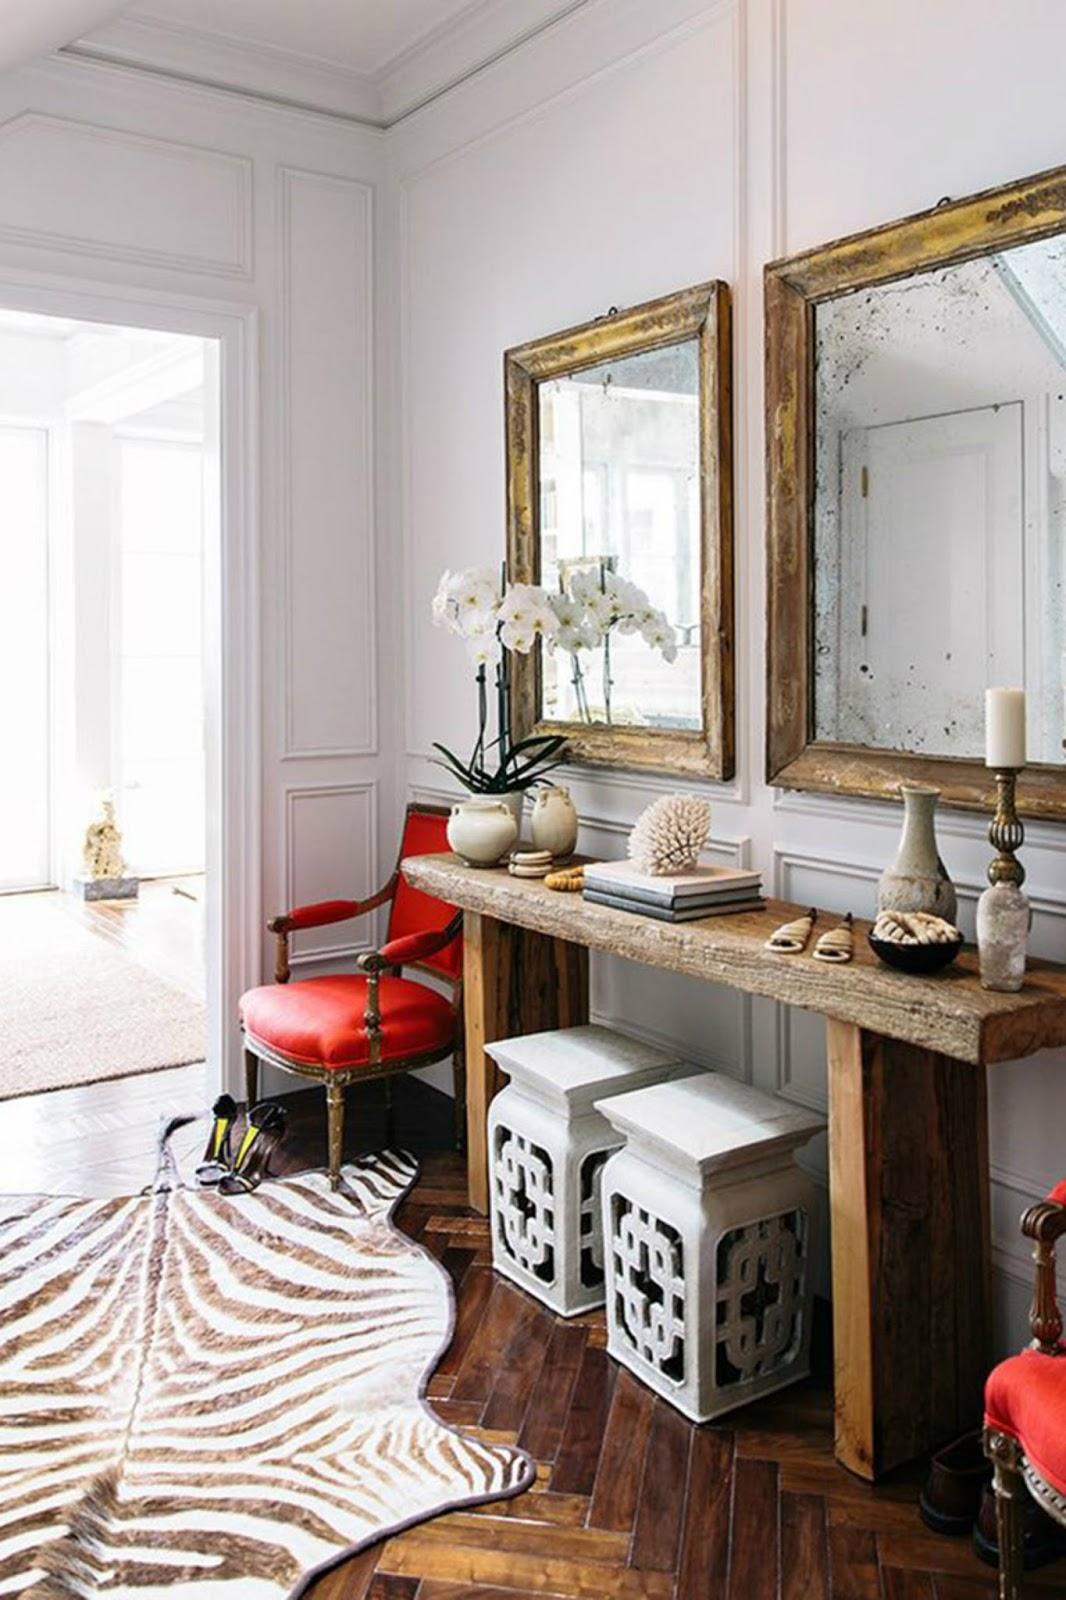 zebra rug asian modern interior design decor wall trim